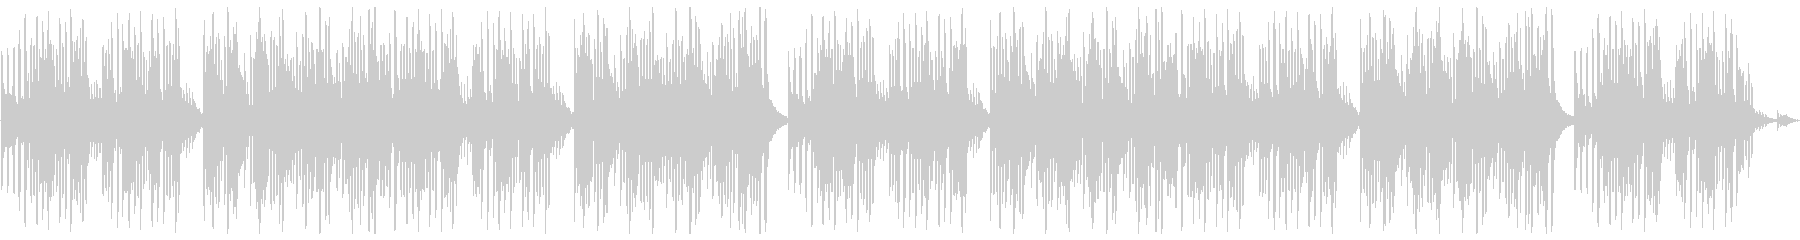 キュートでほのぼのした楽曲A:編集2の未再生の波形